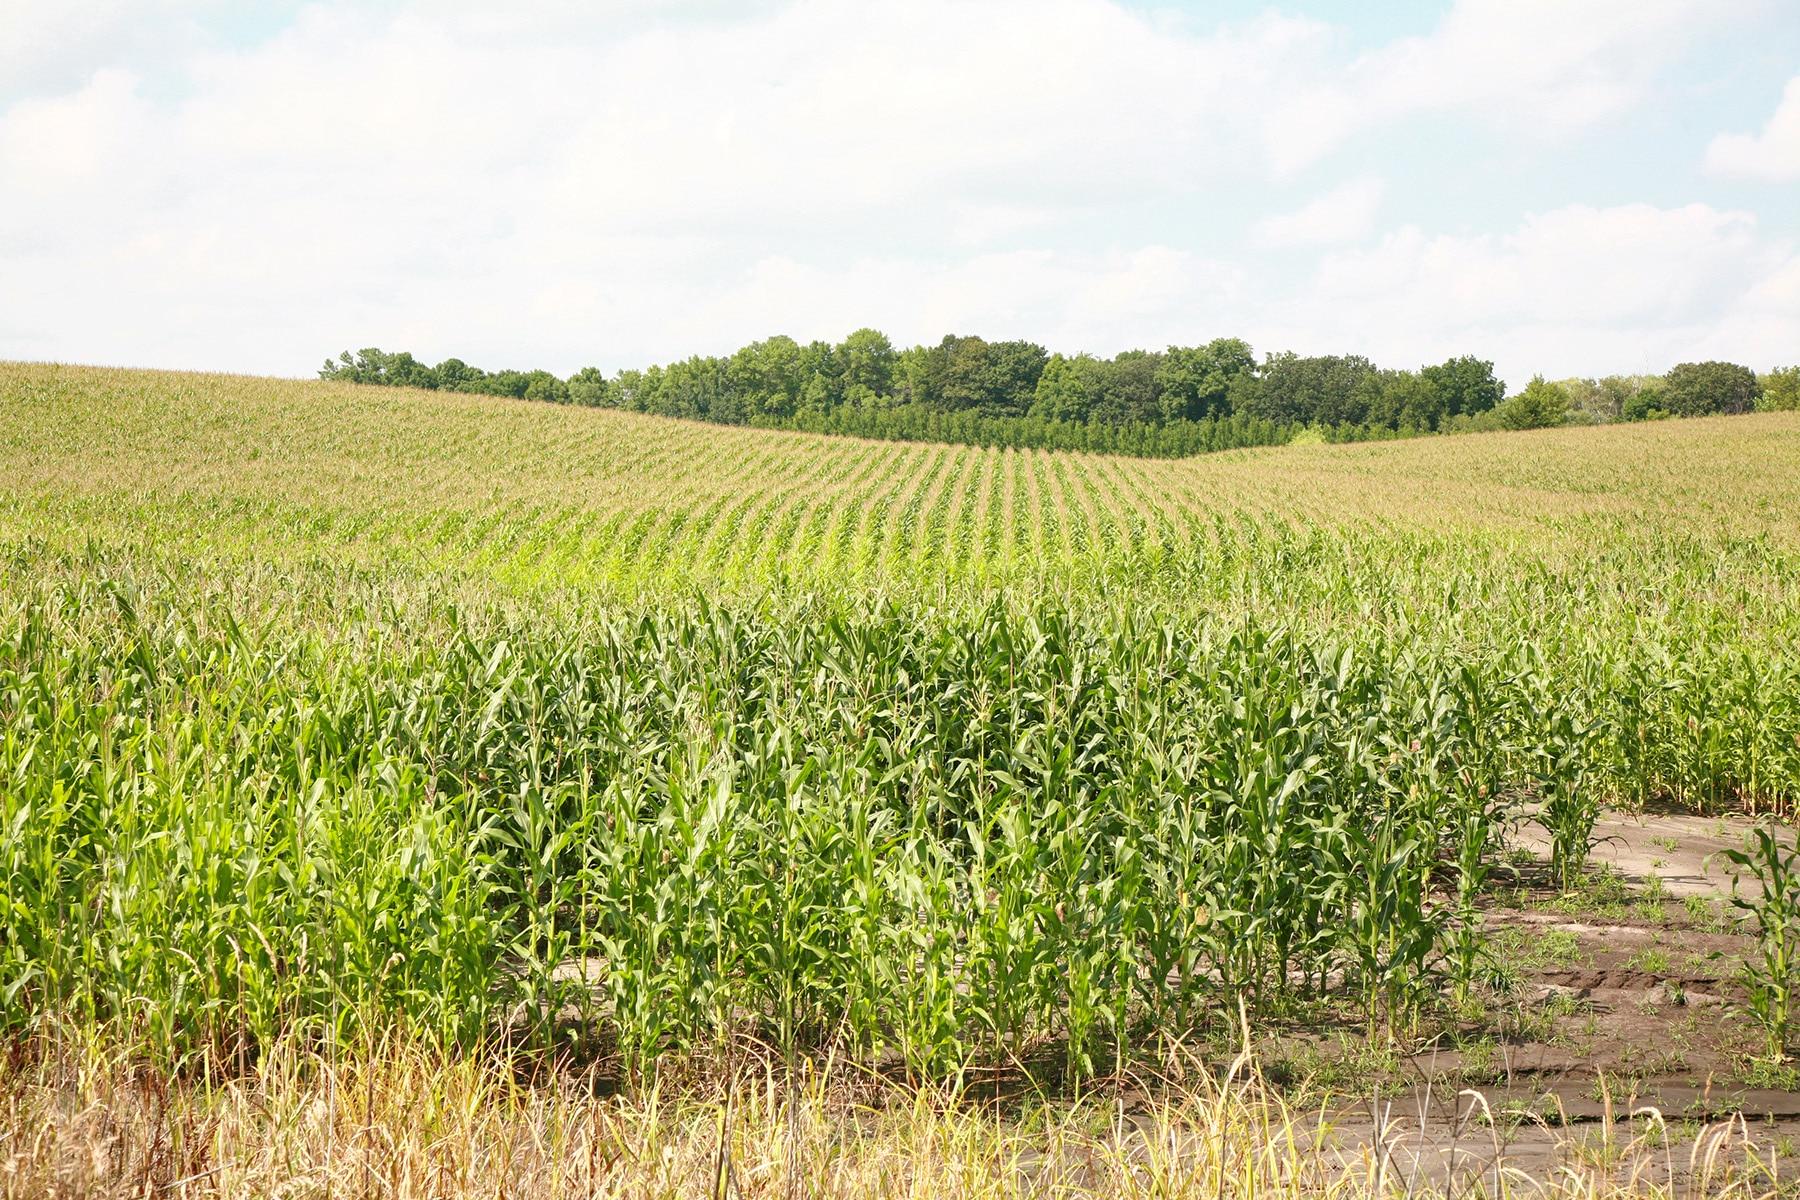 A field pf corn.